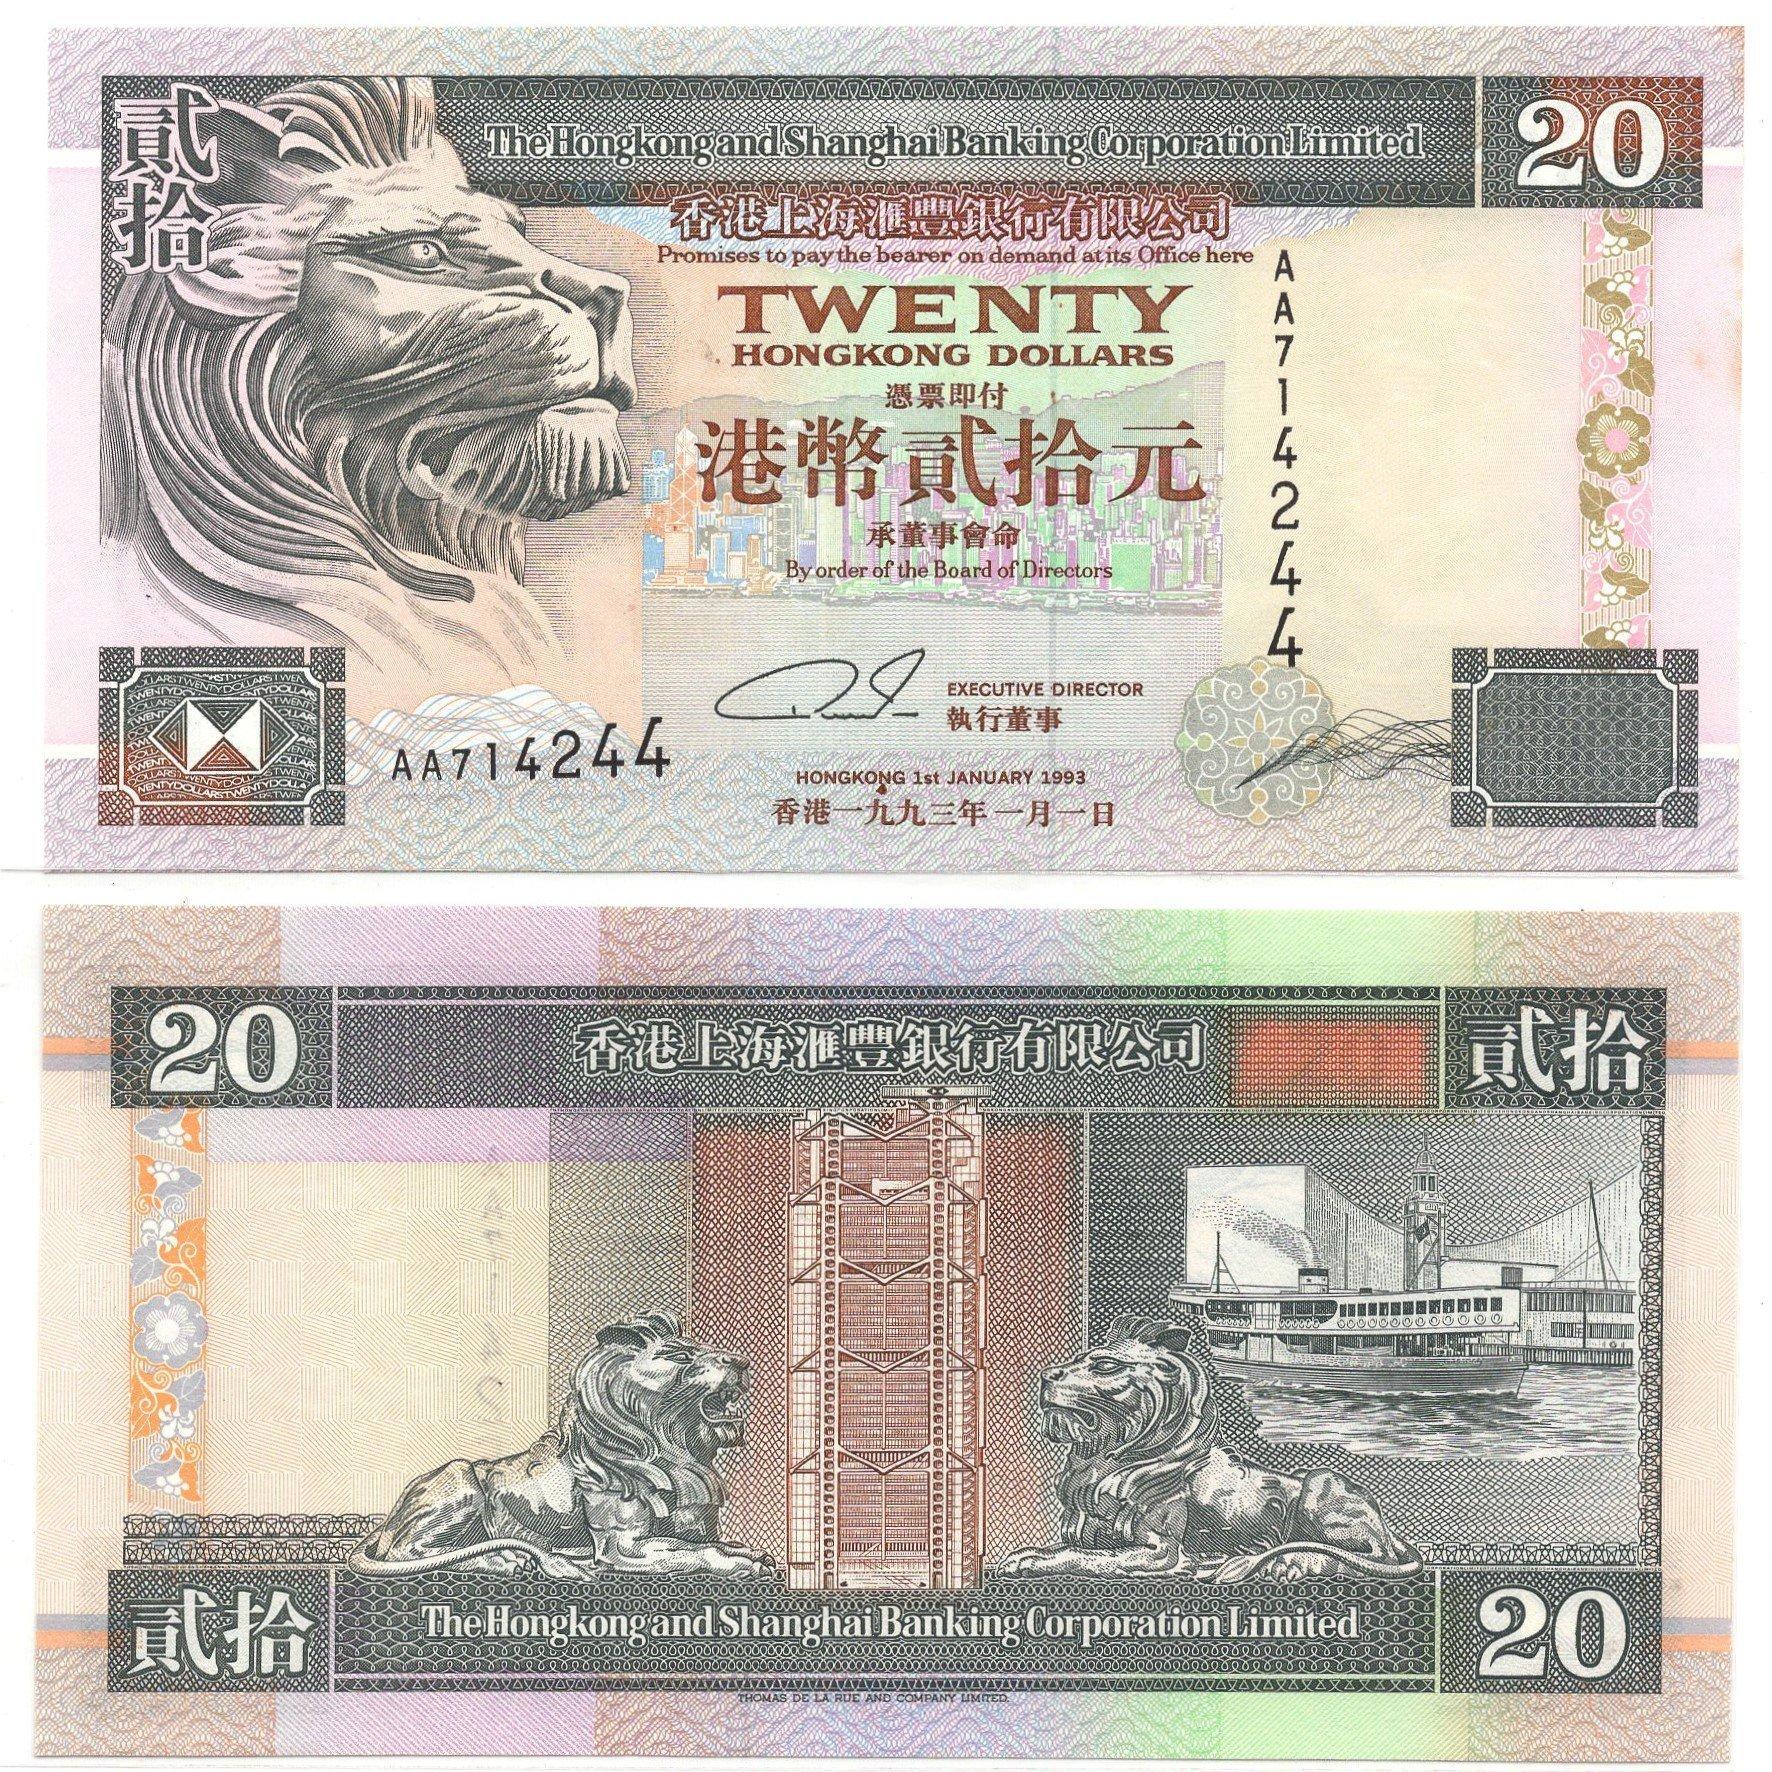 Hong Kong 20 dollars HSBC banknote for sale